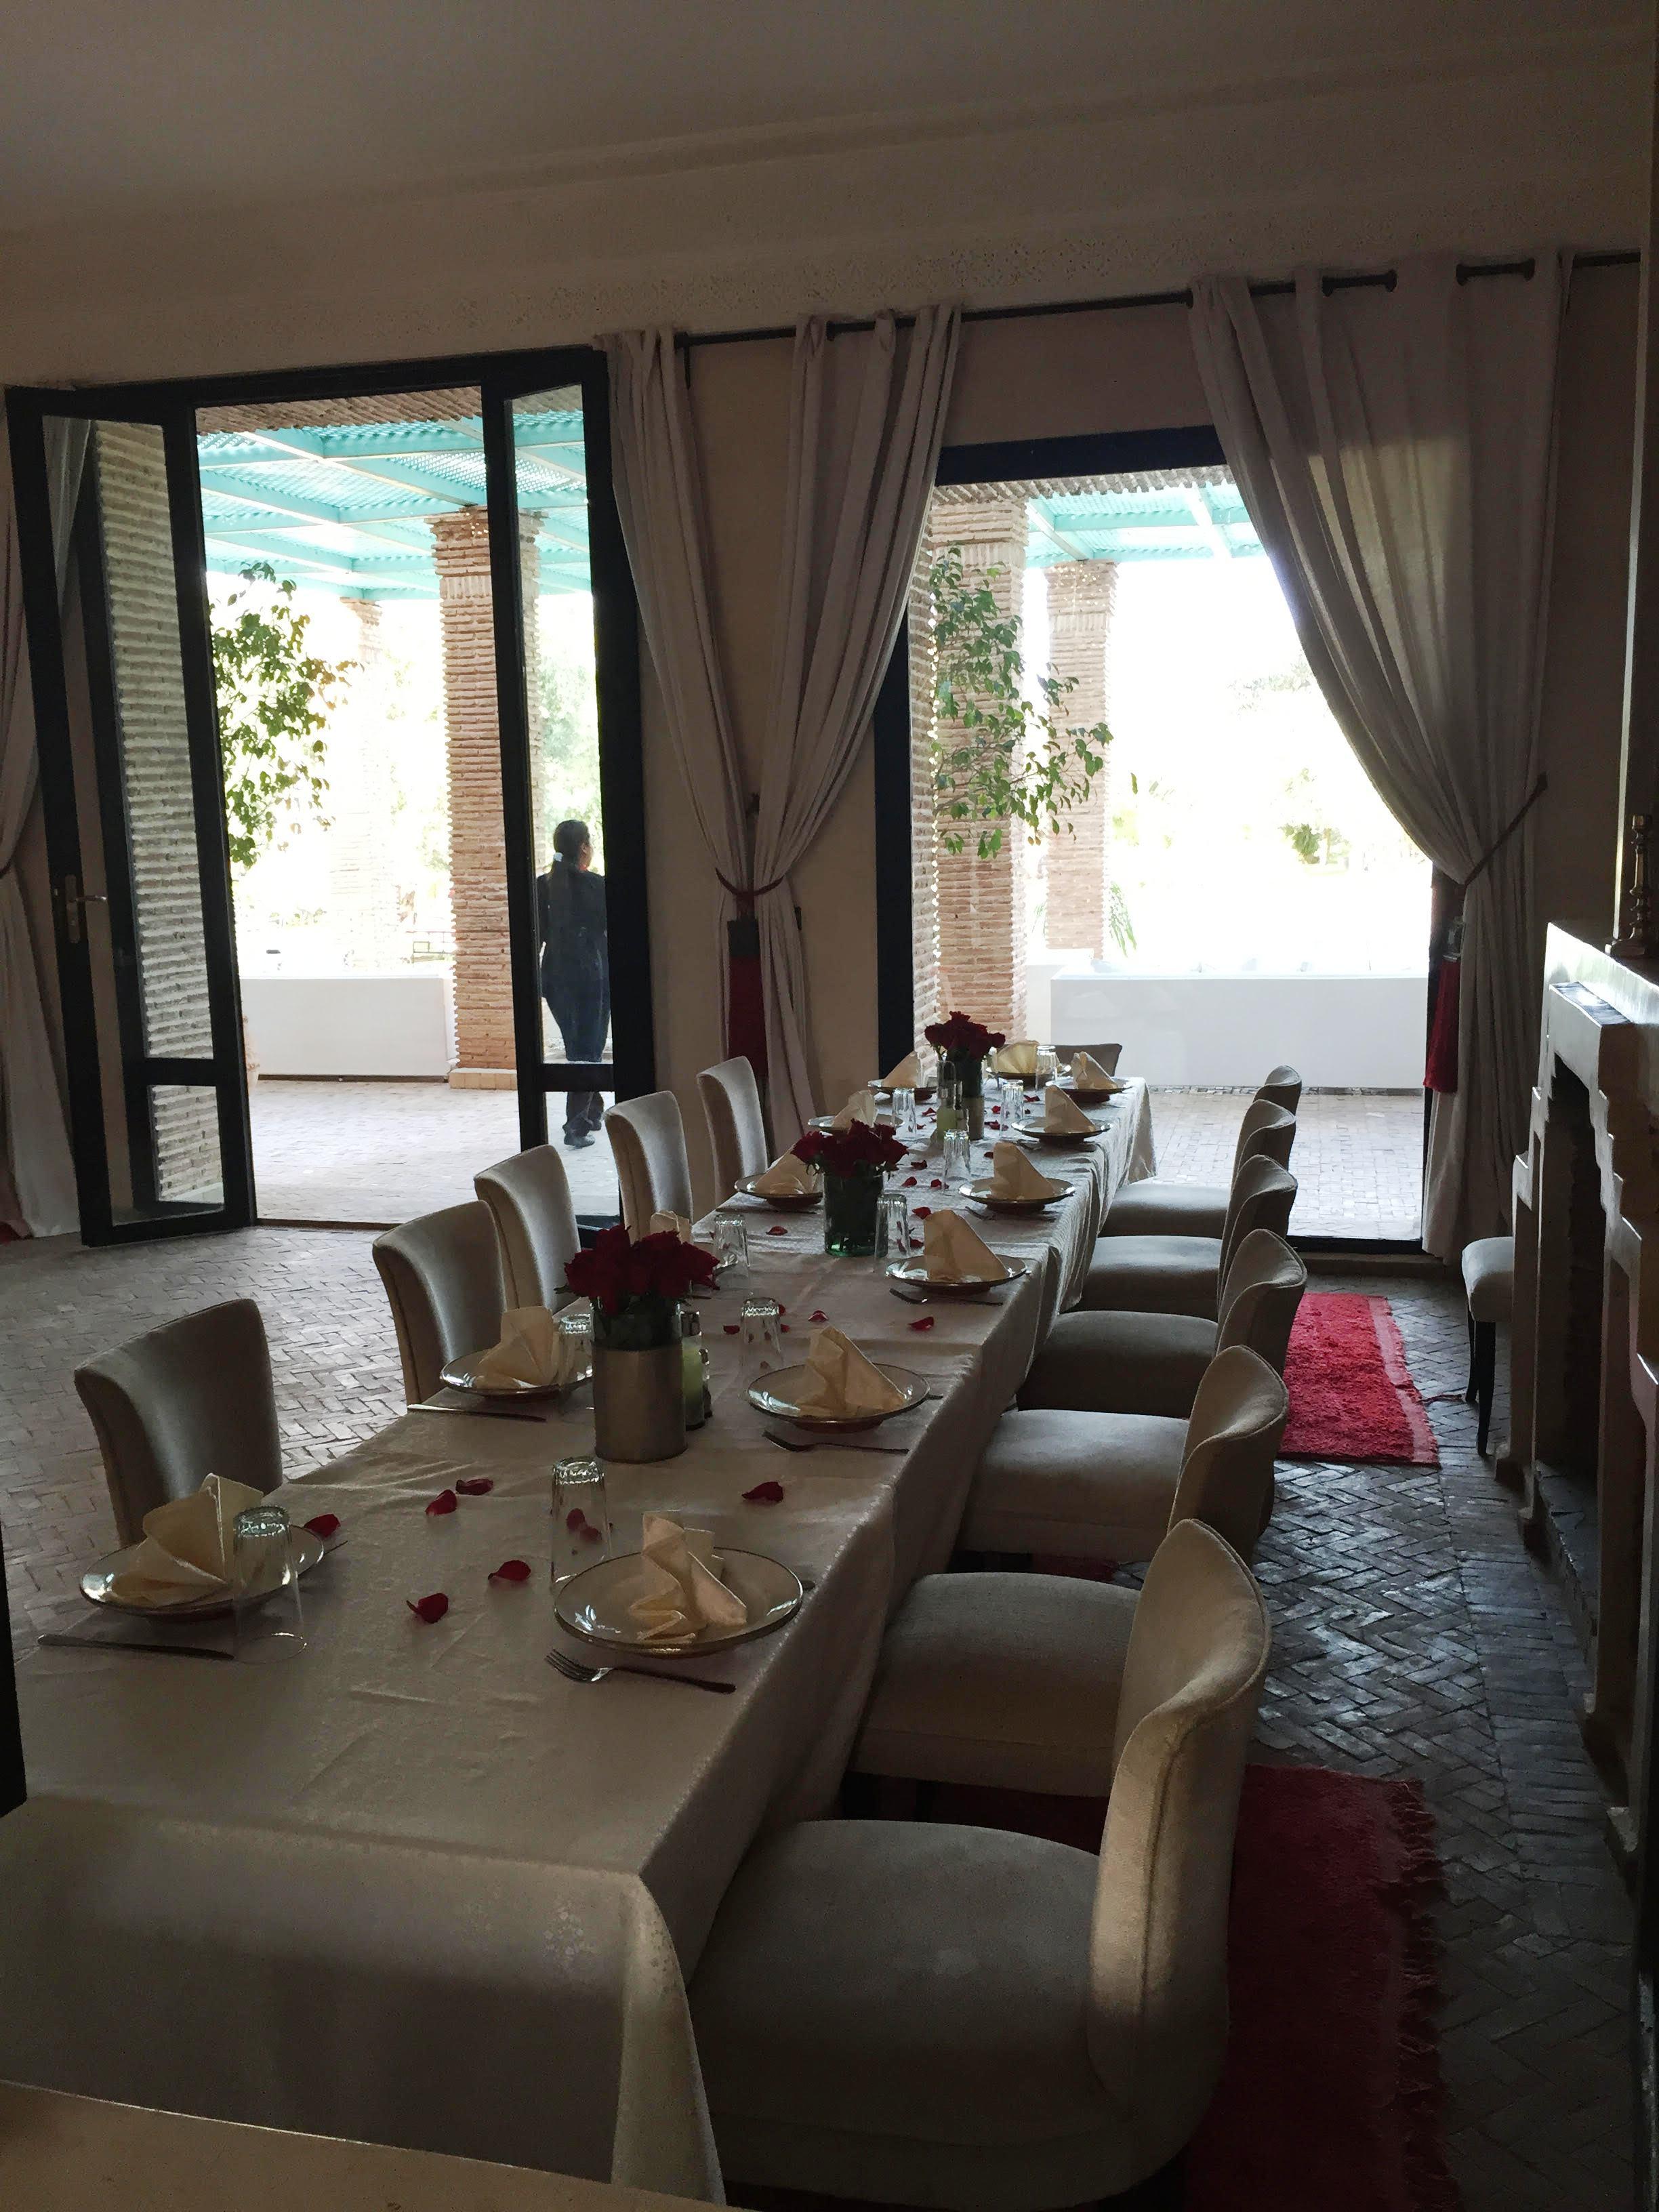 Maison d hote marrakech avec piscine maison moderne for Chambre d hote marrakech